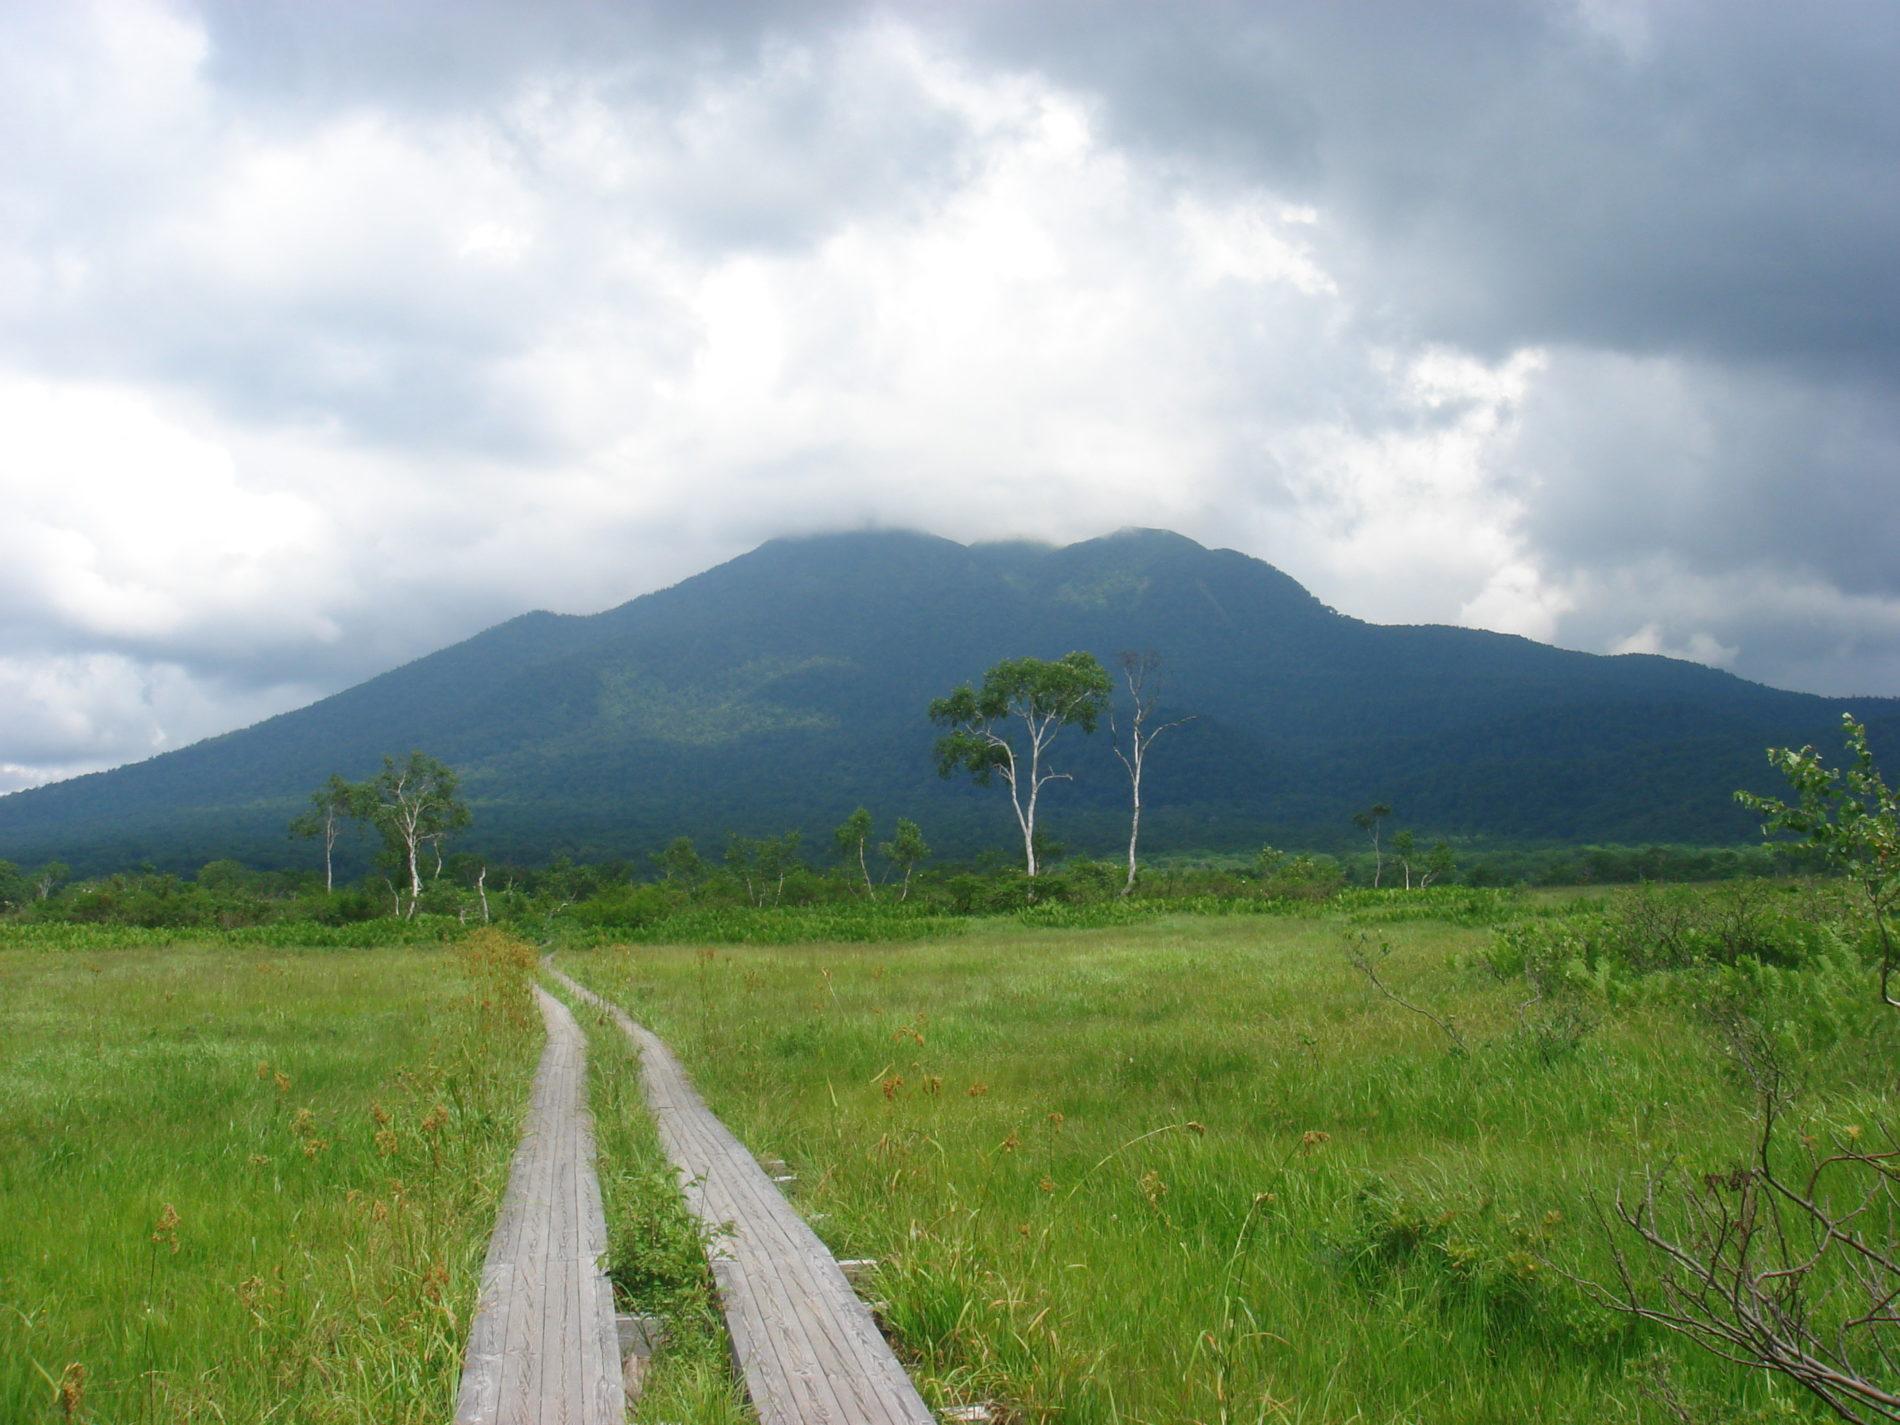 燧ヶ岳 燧ケ岳山頂〜尾瀬